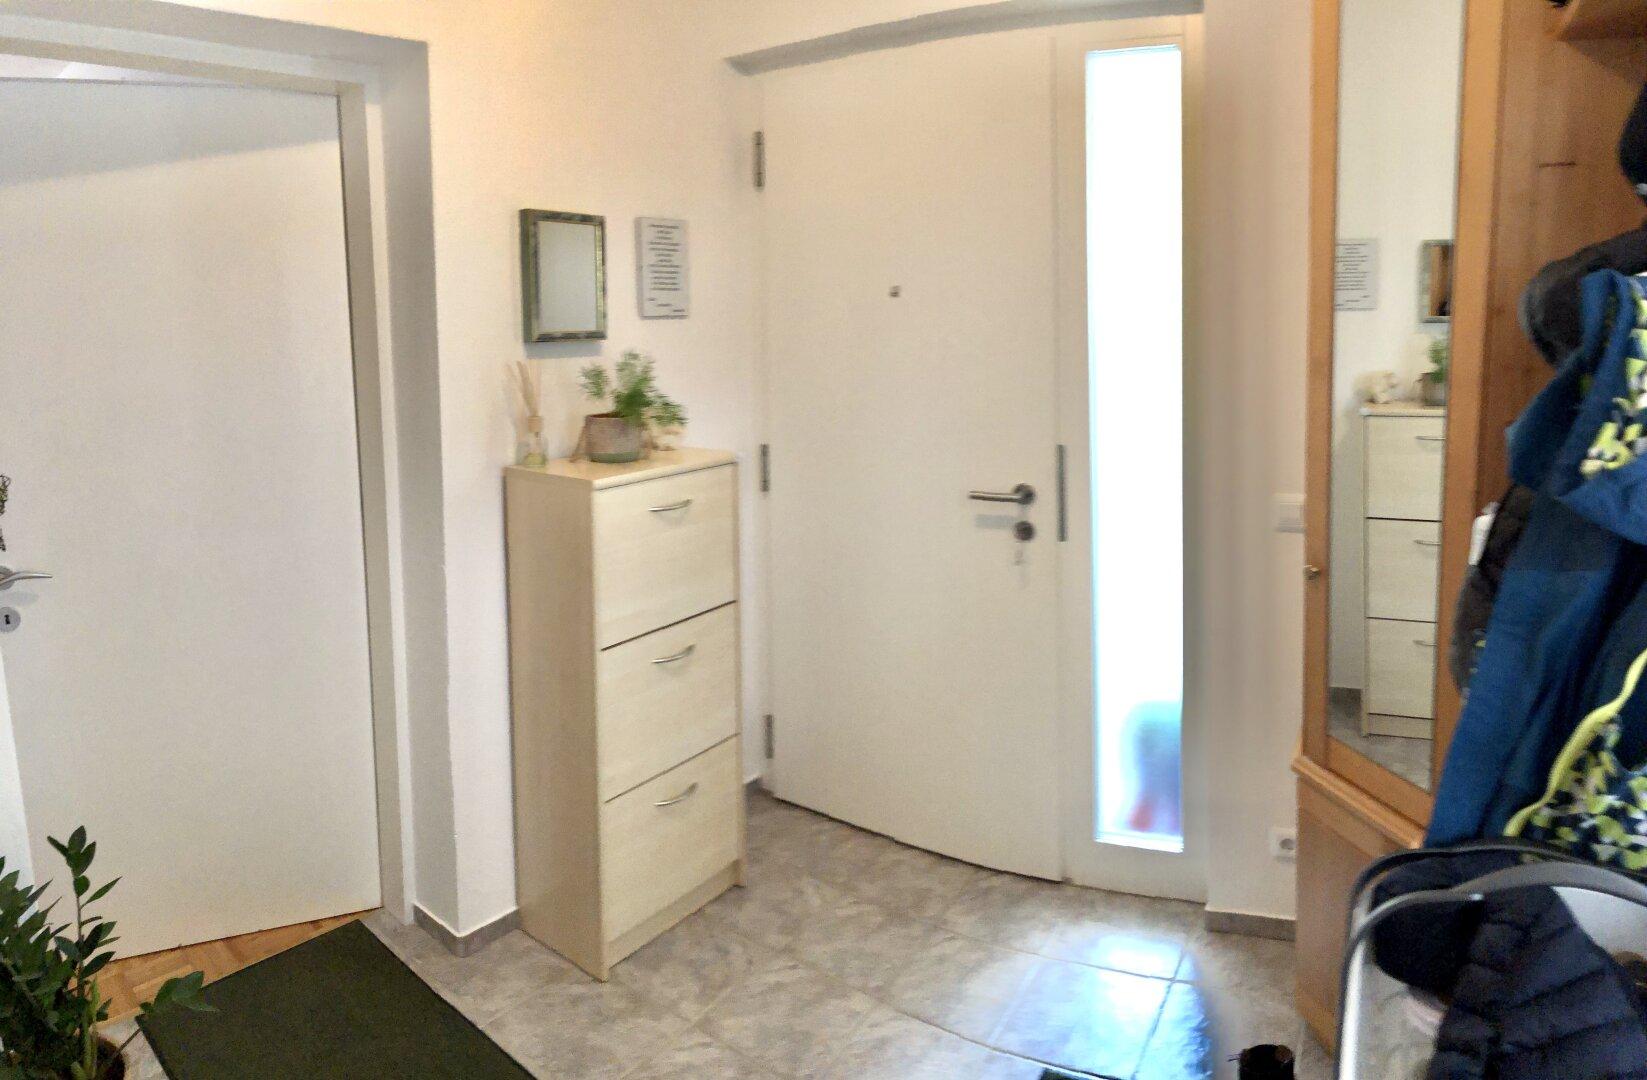 Garderobe und neue Haustür